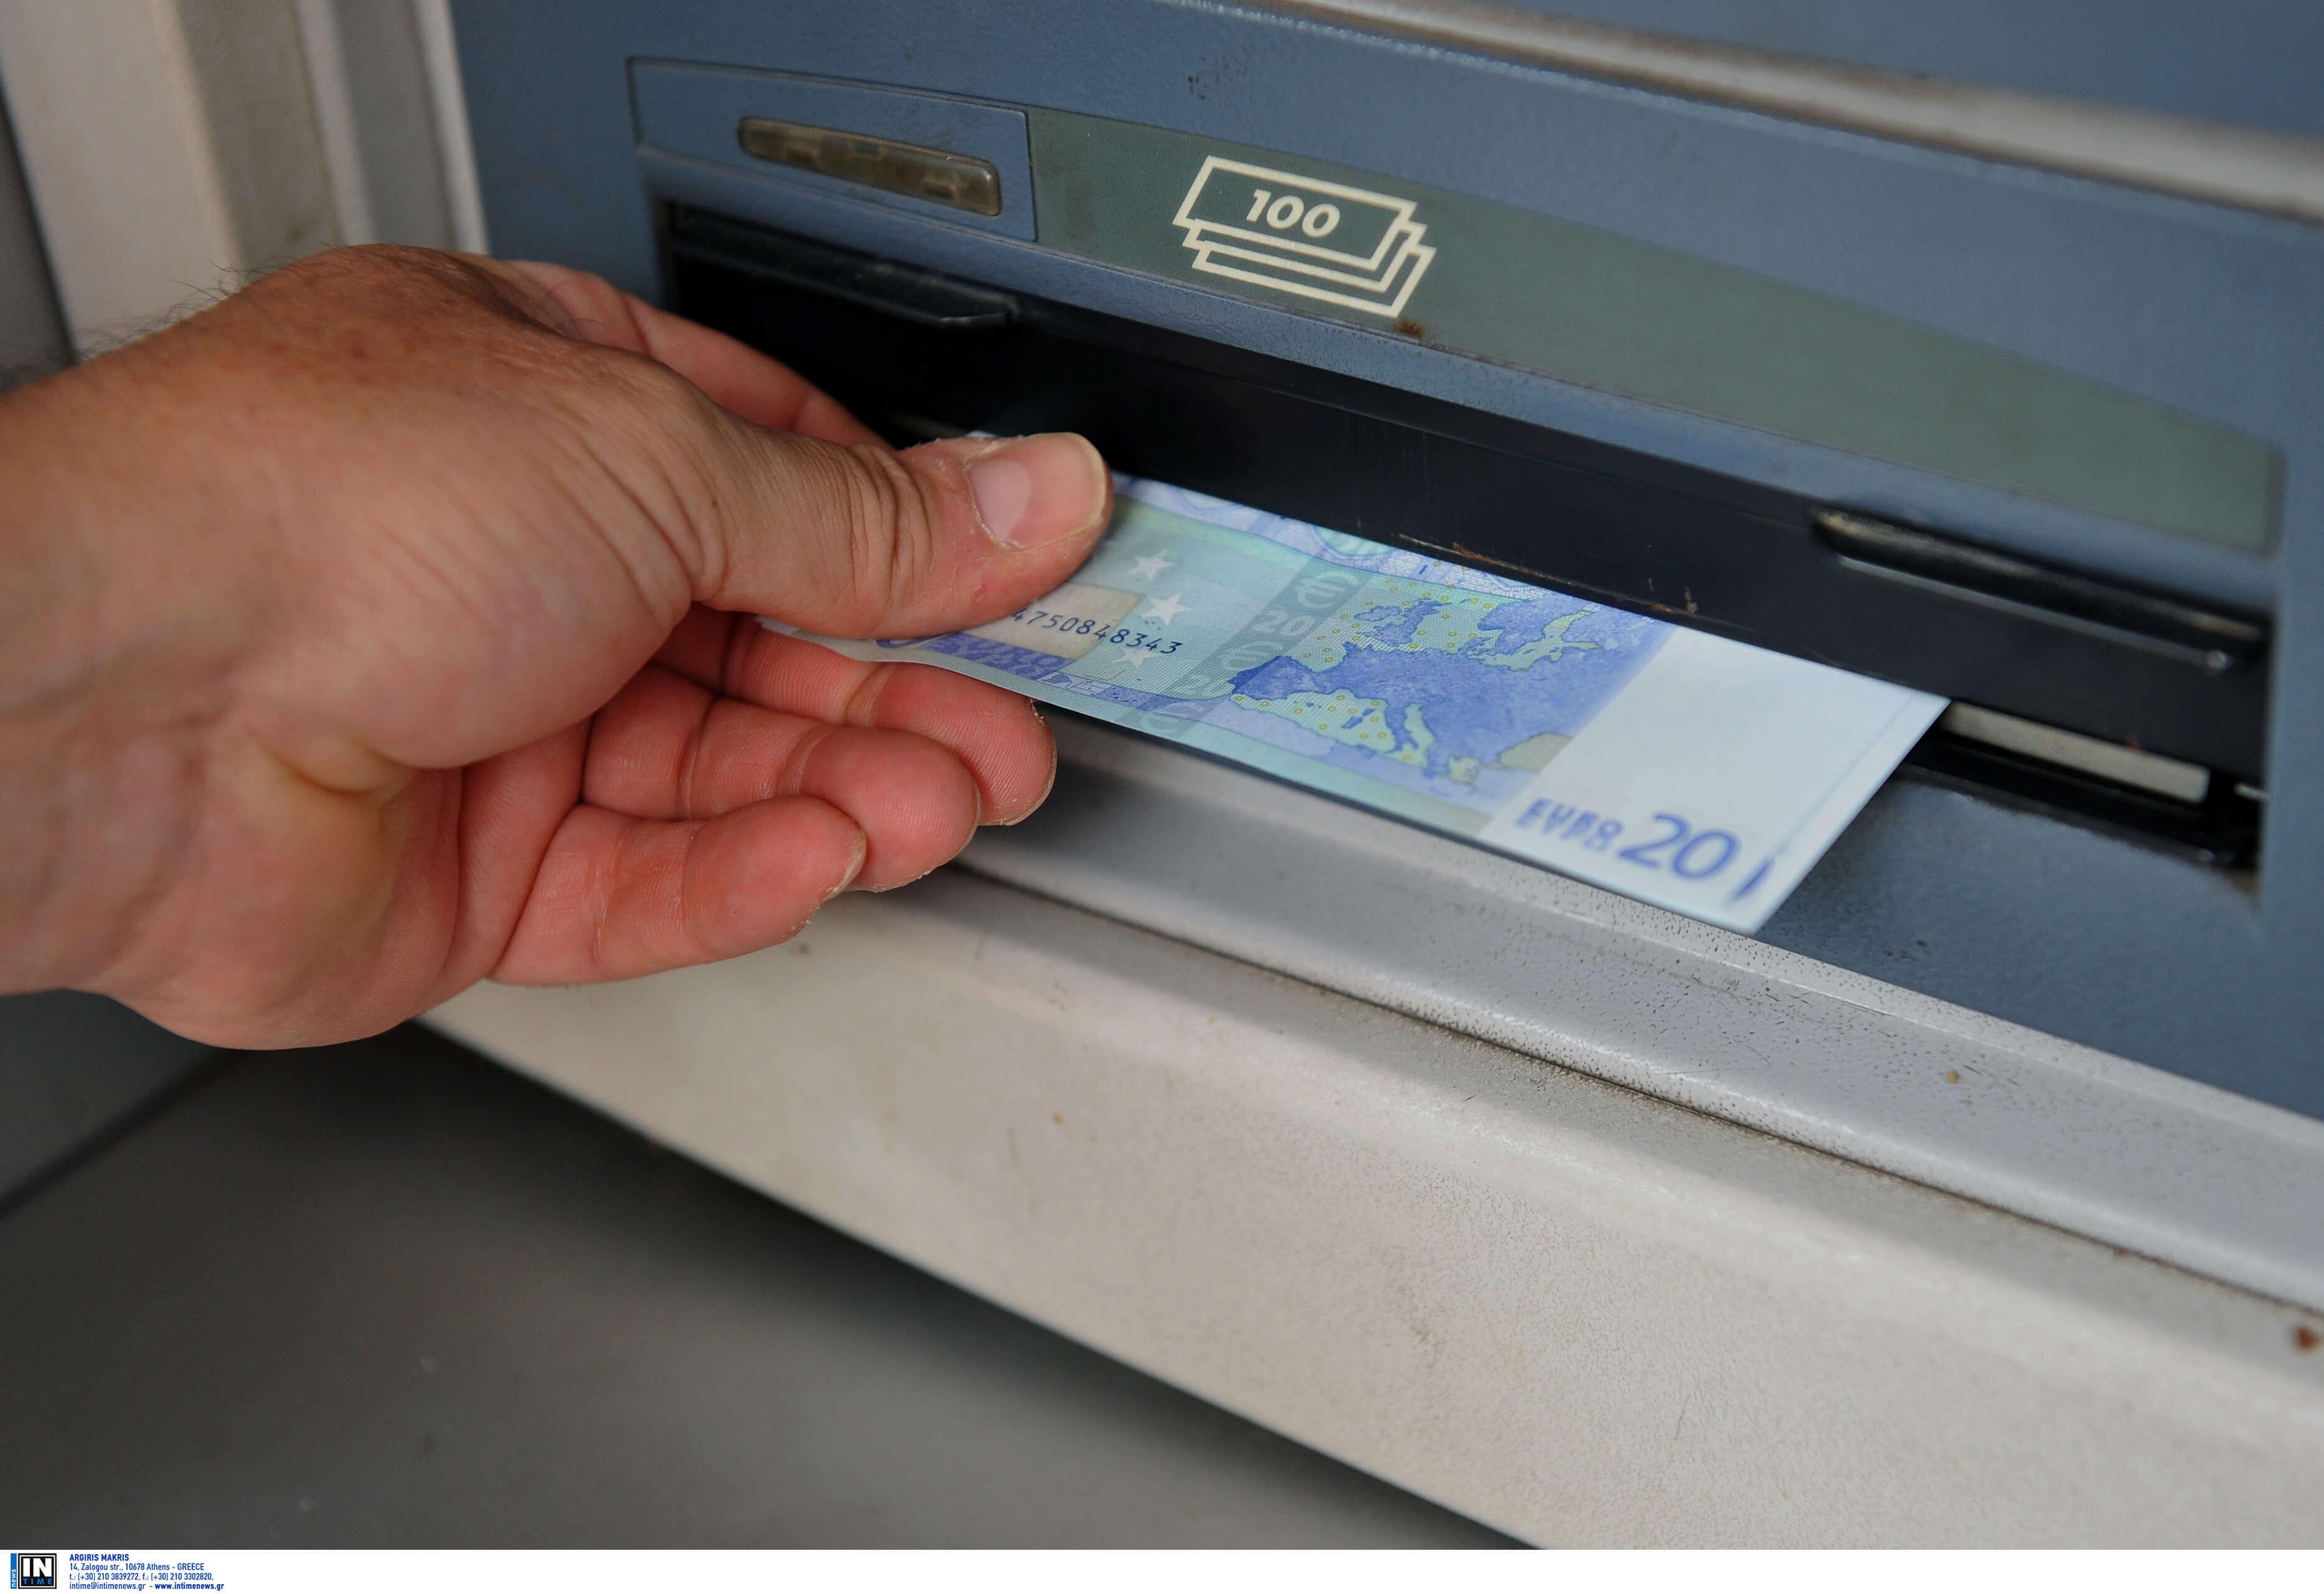 Ημαθία: Οι αναλήψεις με την κλεμμένη κάρτα πρόδωσαν τους ληστές